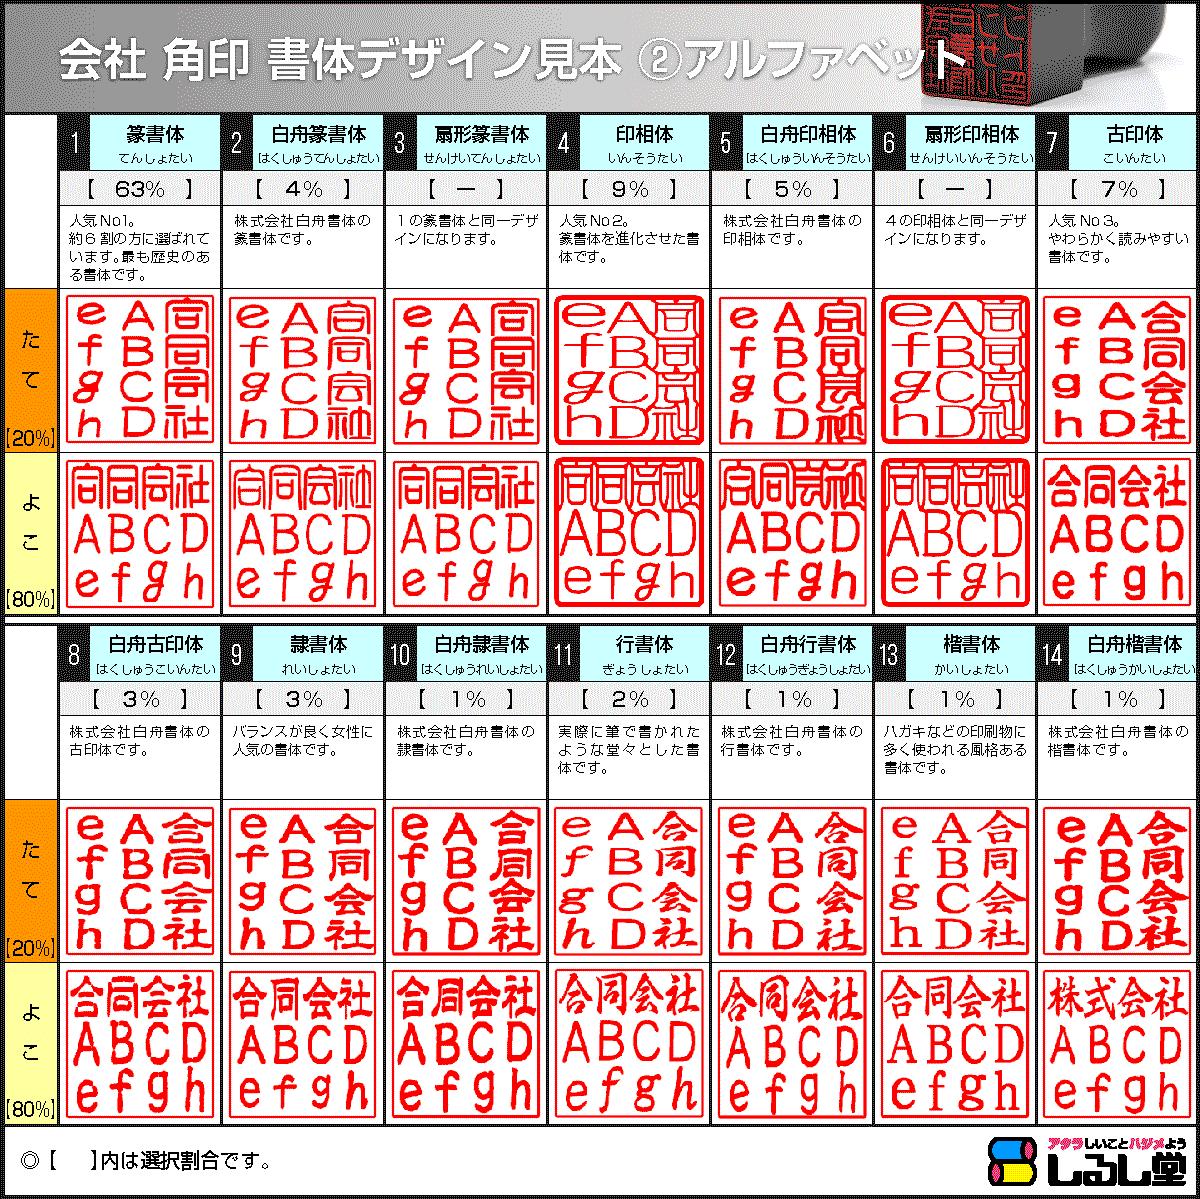 アルファベットの書体デザイン